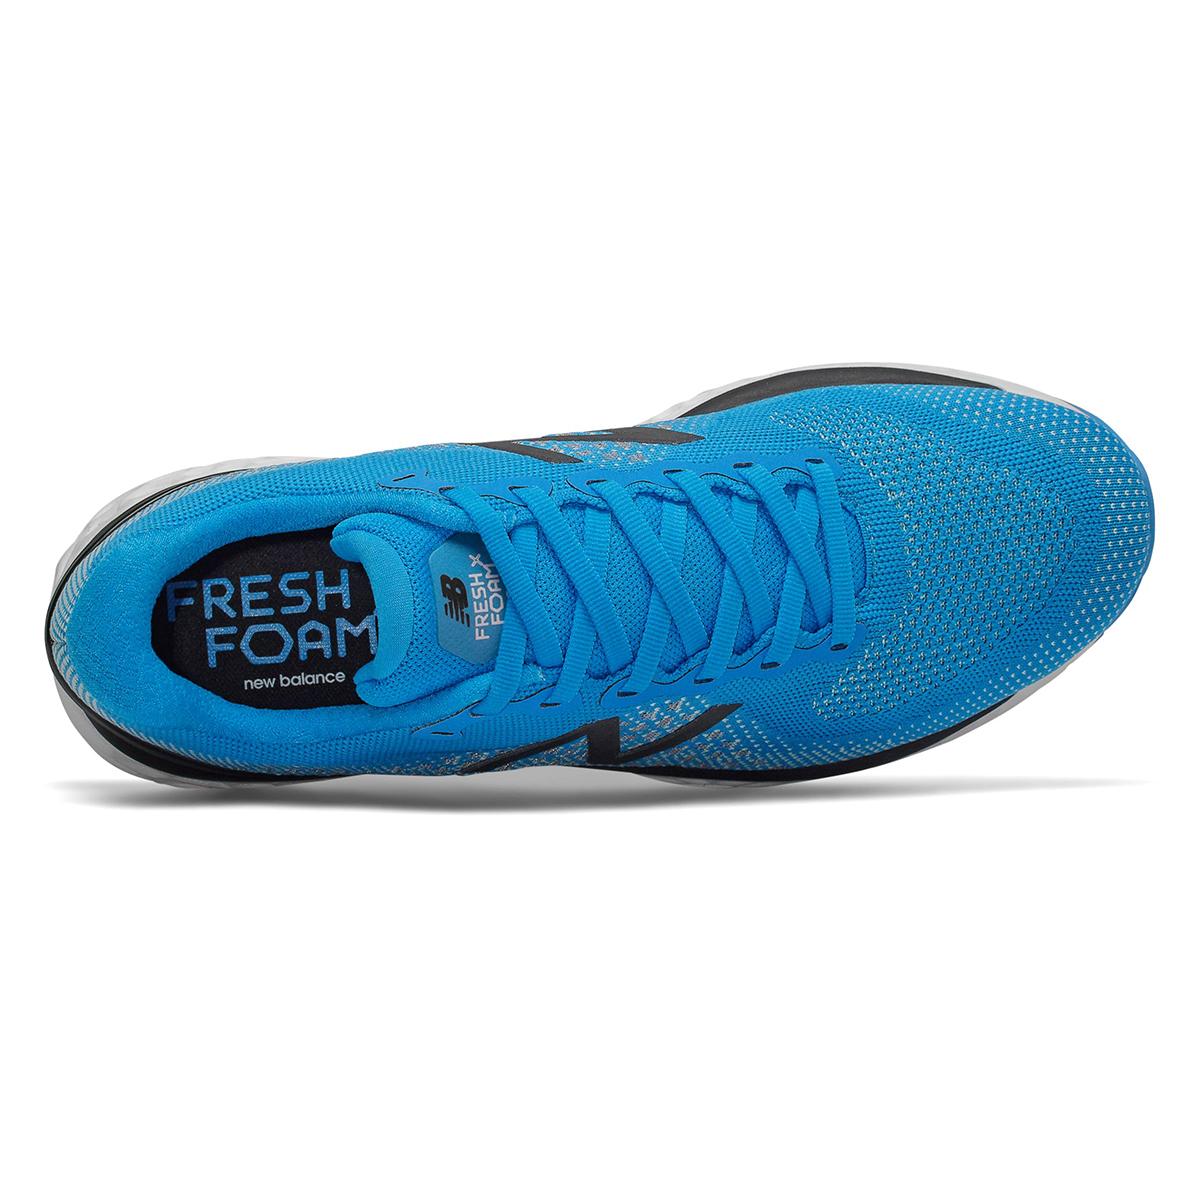 Men's New Balance 880V10 Running Shoe - Color: Vision Blue / Neo Mint (Regular Width) - Size: 8, Vision Blue/Neo Mint, large, image 3